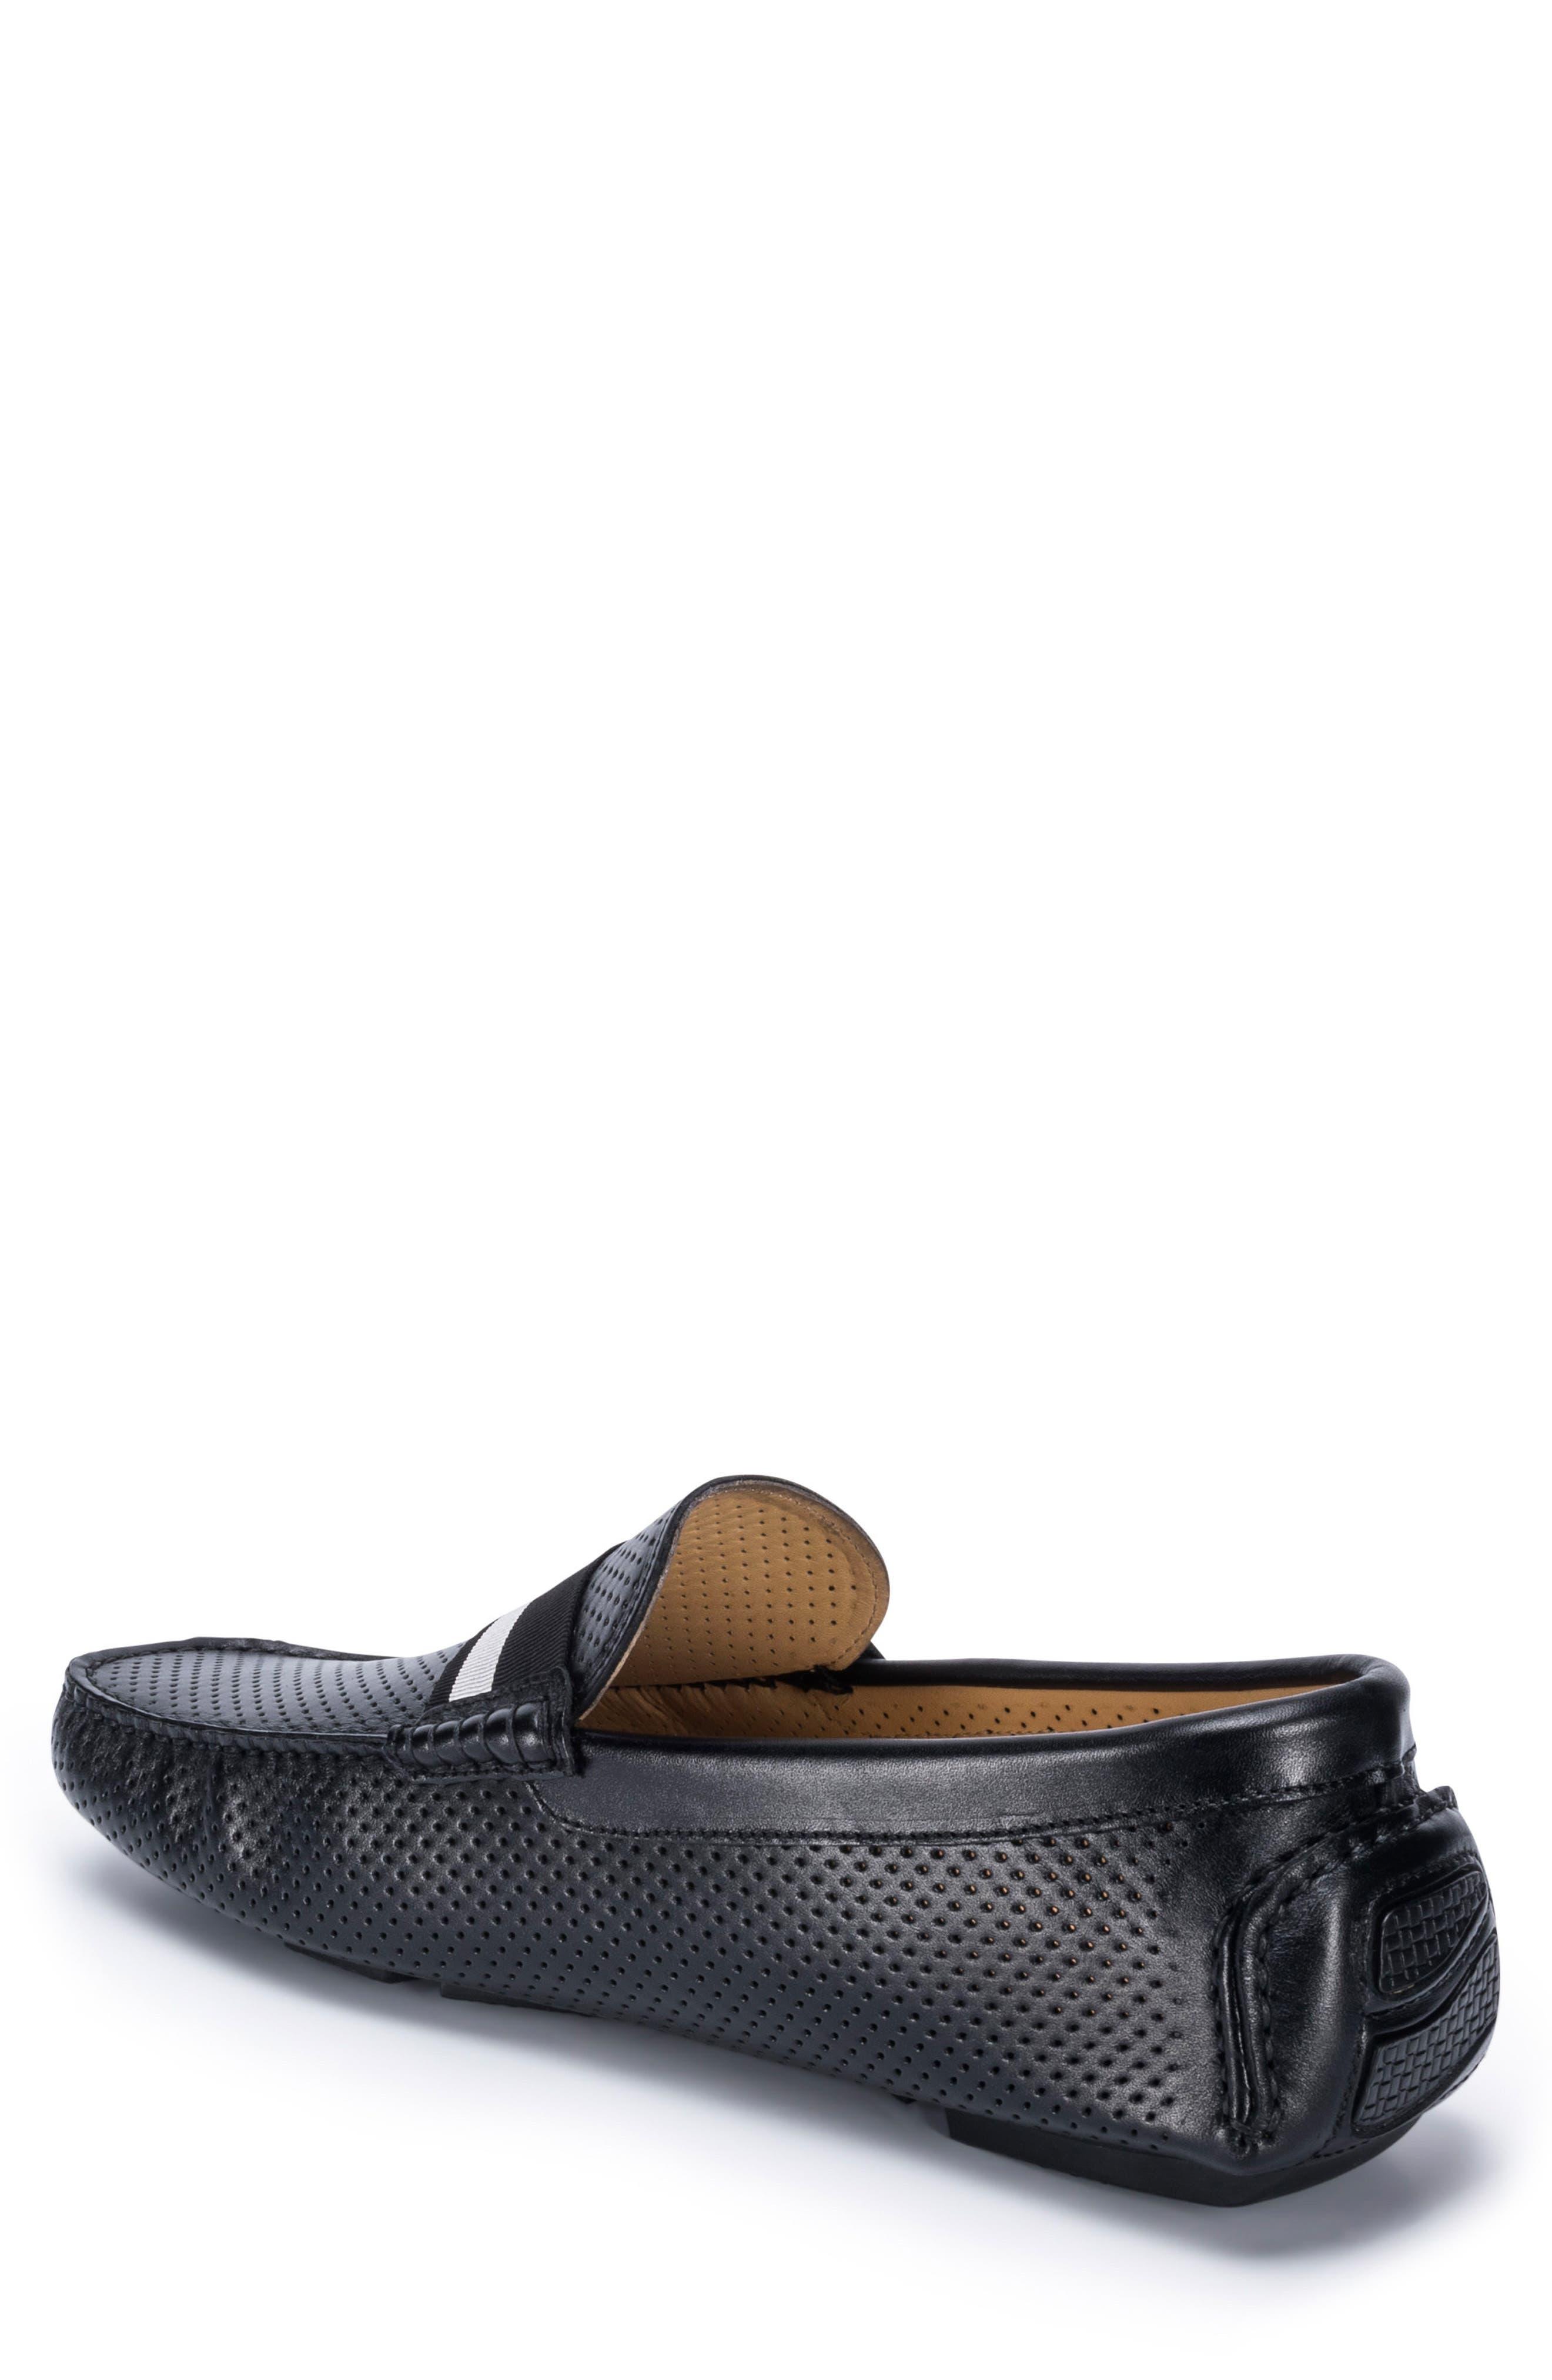 Sardegna Driving Shoe,                             Alternate thumbnail 2, color,                             BLACK